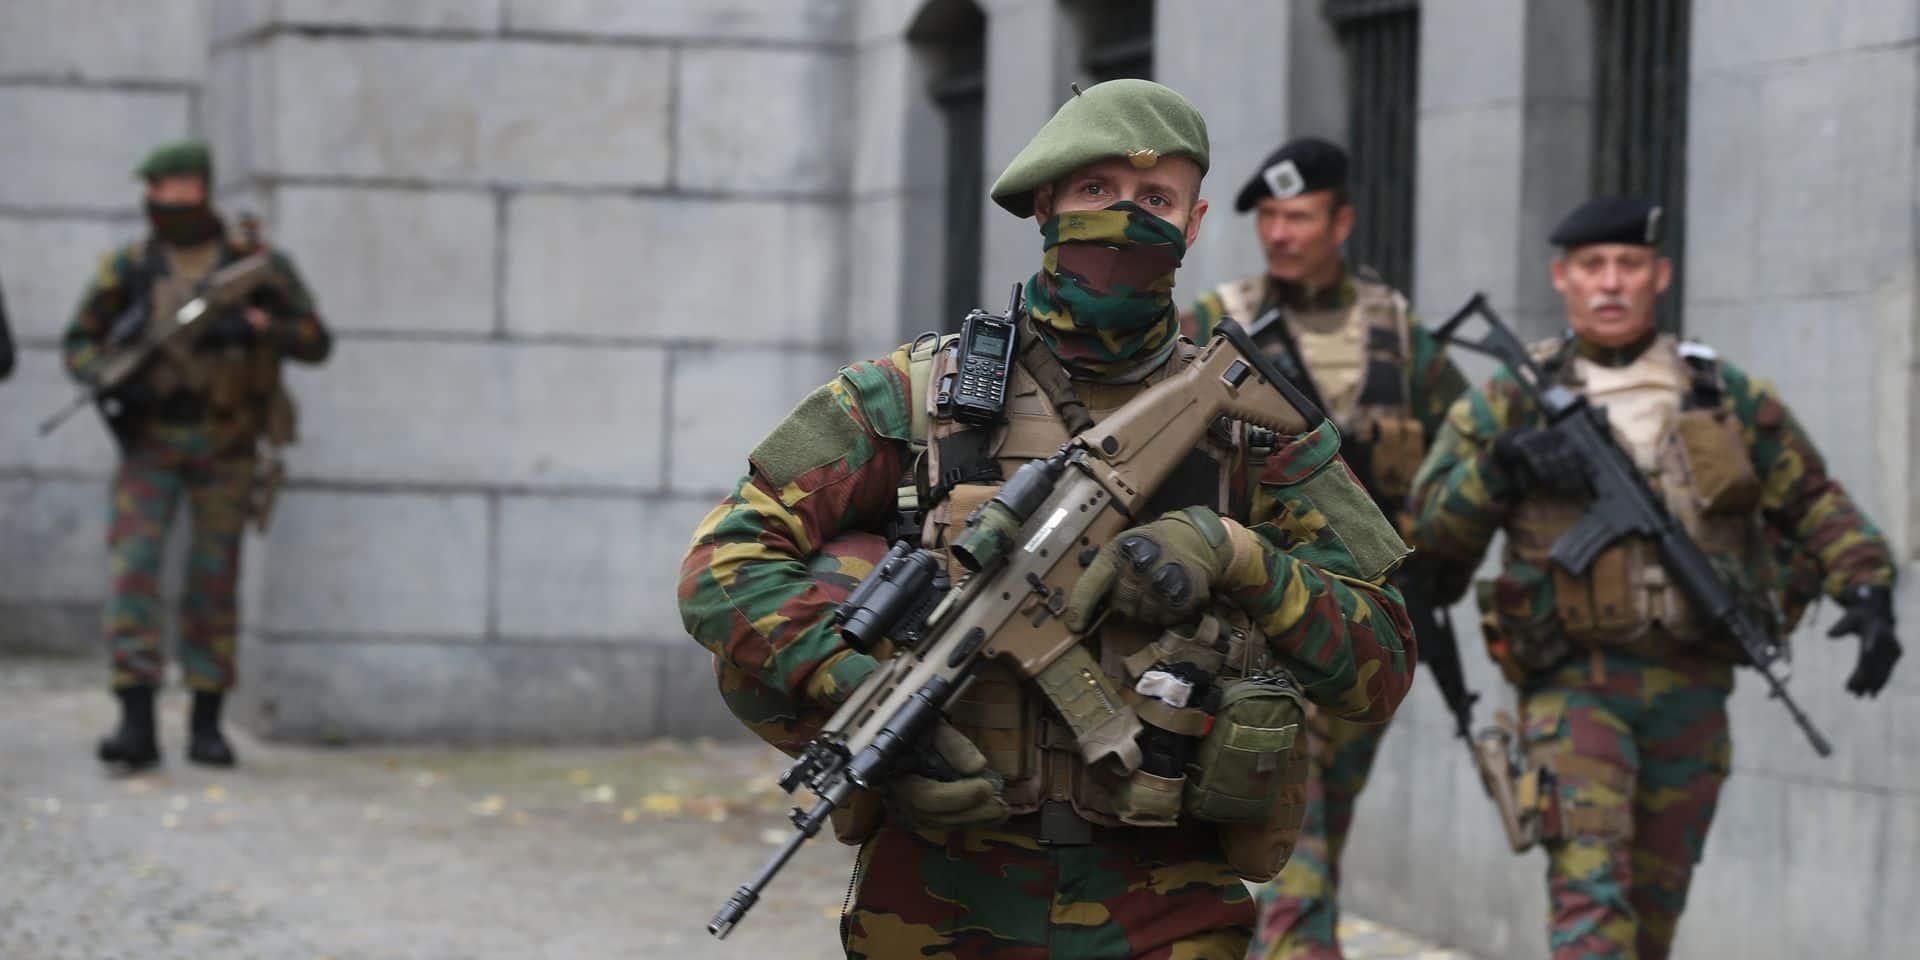 Les patrouilles de soldats en rue coûtent 168 millions d'euros